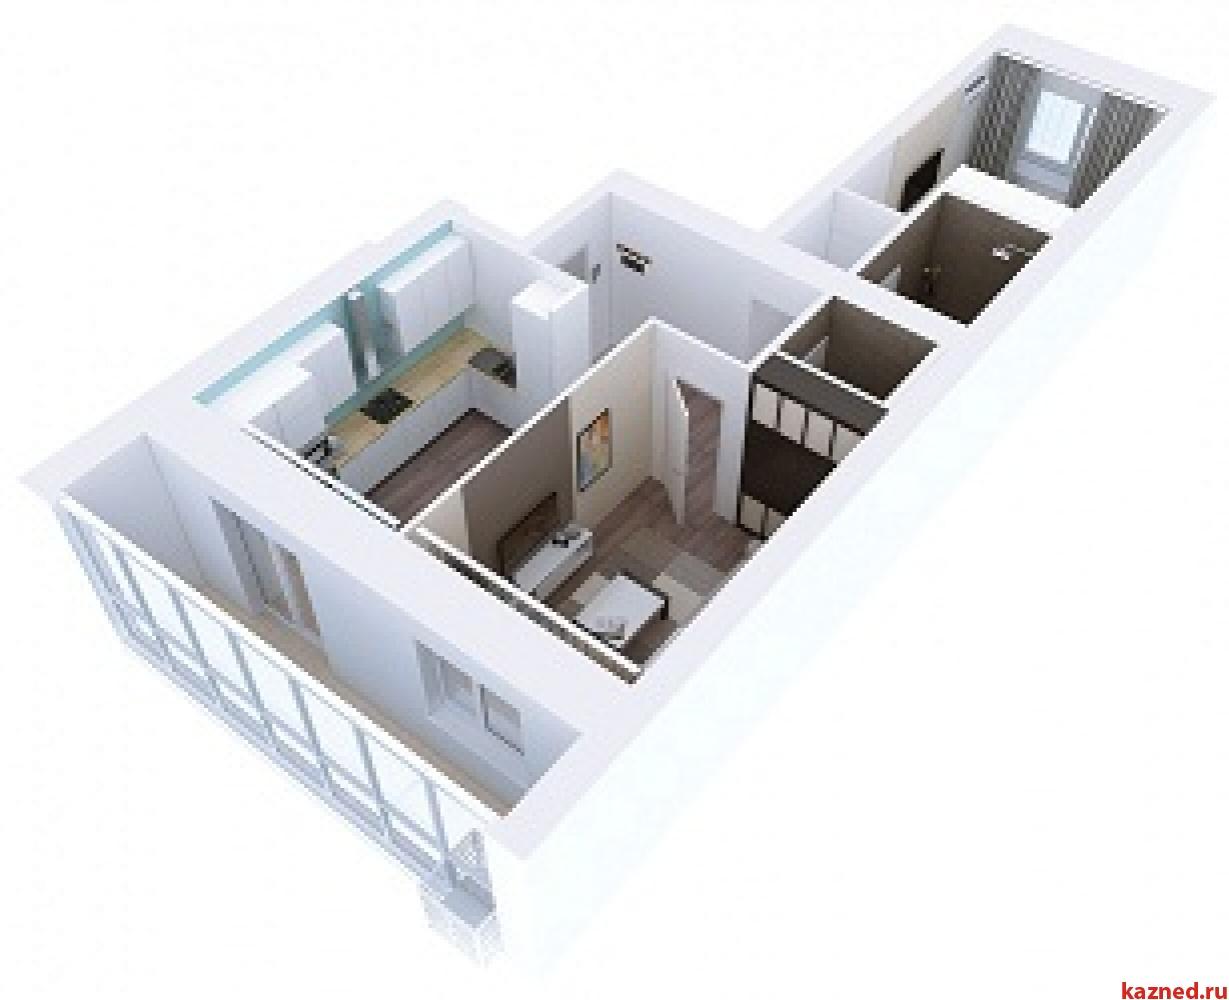 Продажа 2-к квартиры Мамадышский тракт, 3, 54 м²  (миниатюра №3)